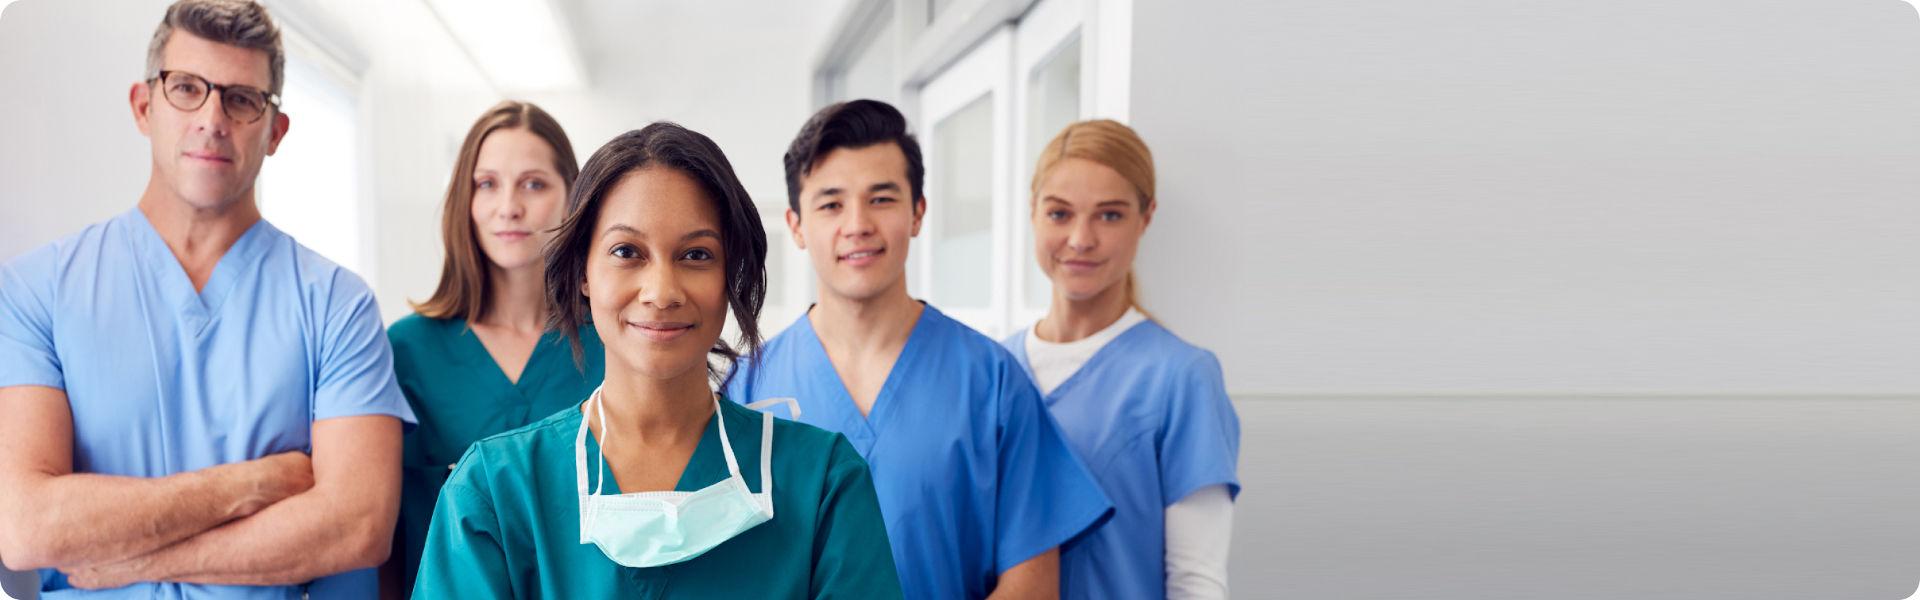 Grupo de enfermeiros